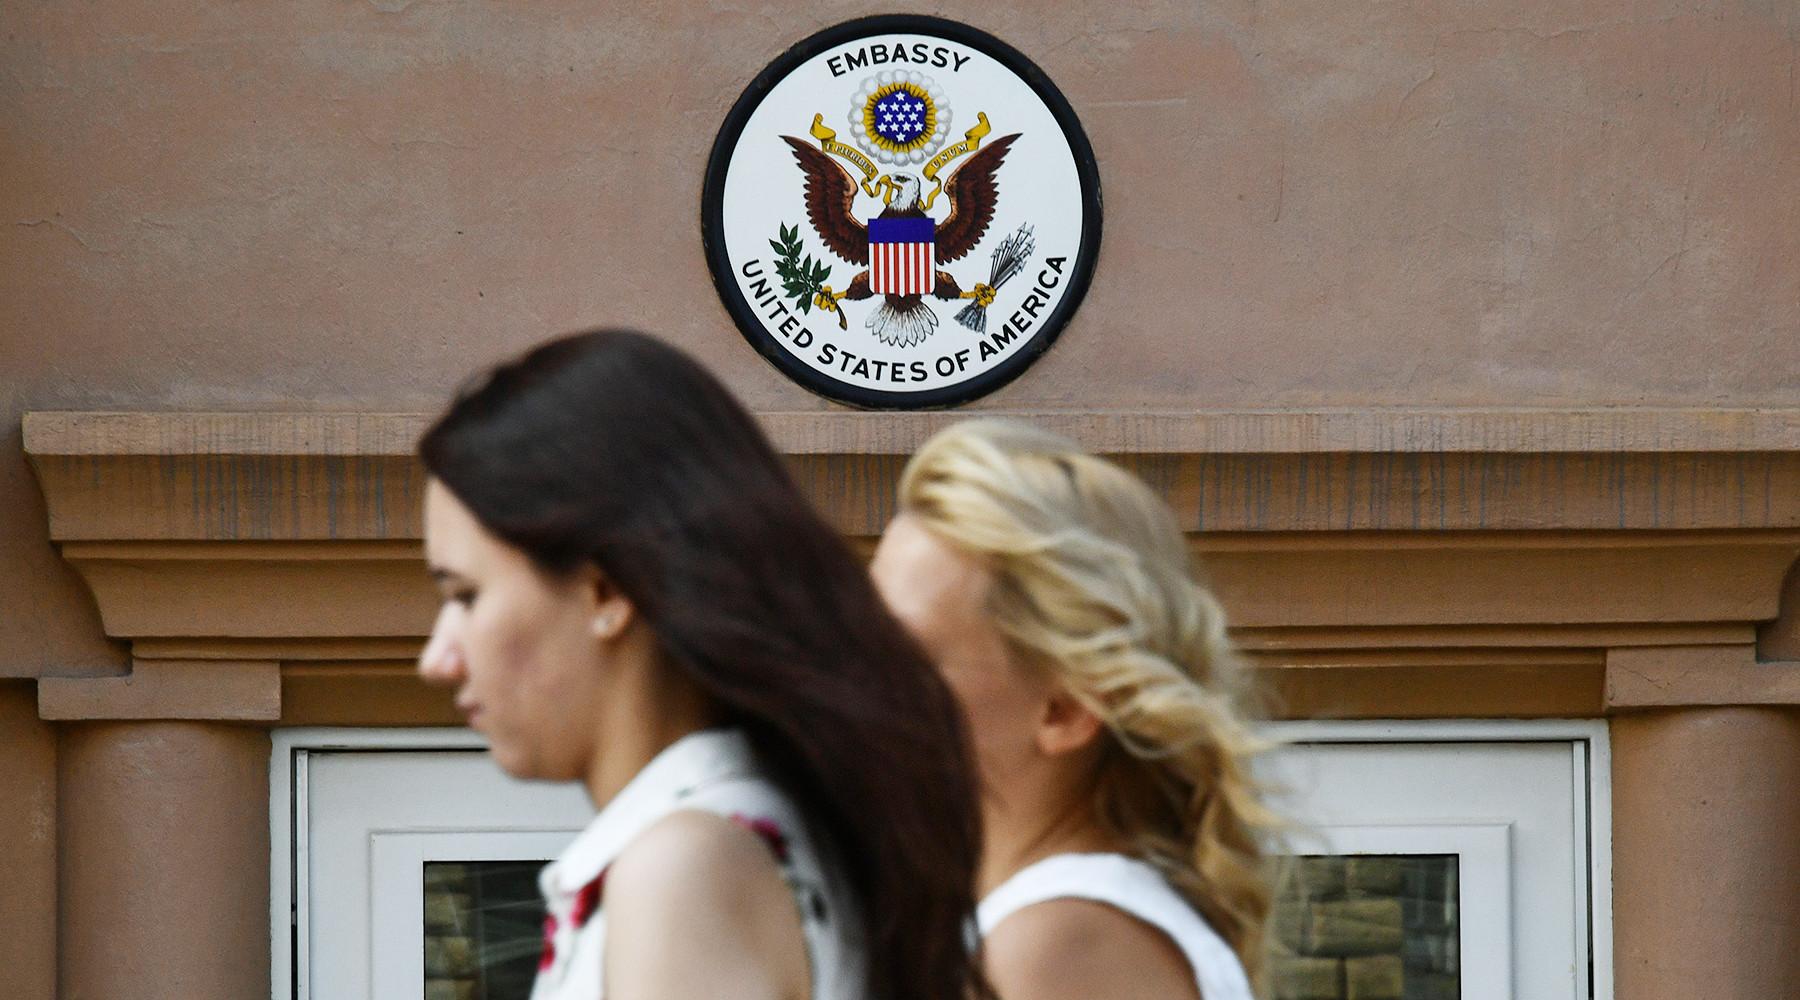 Визовый беспредел: россияне рассказали о трудностях с получением документов в посольстве США - «Россия»